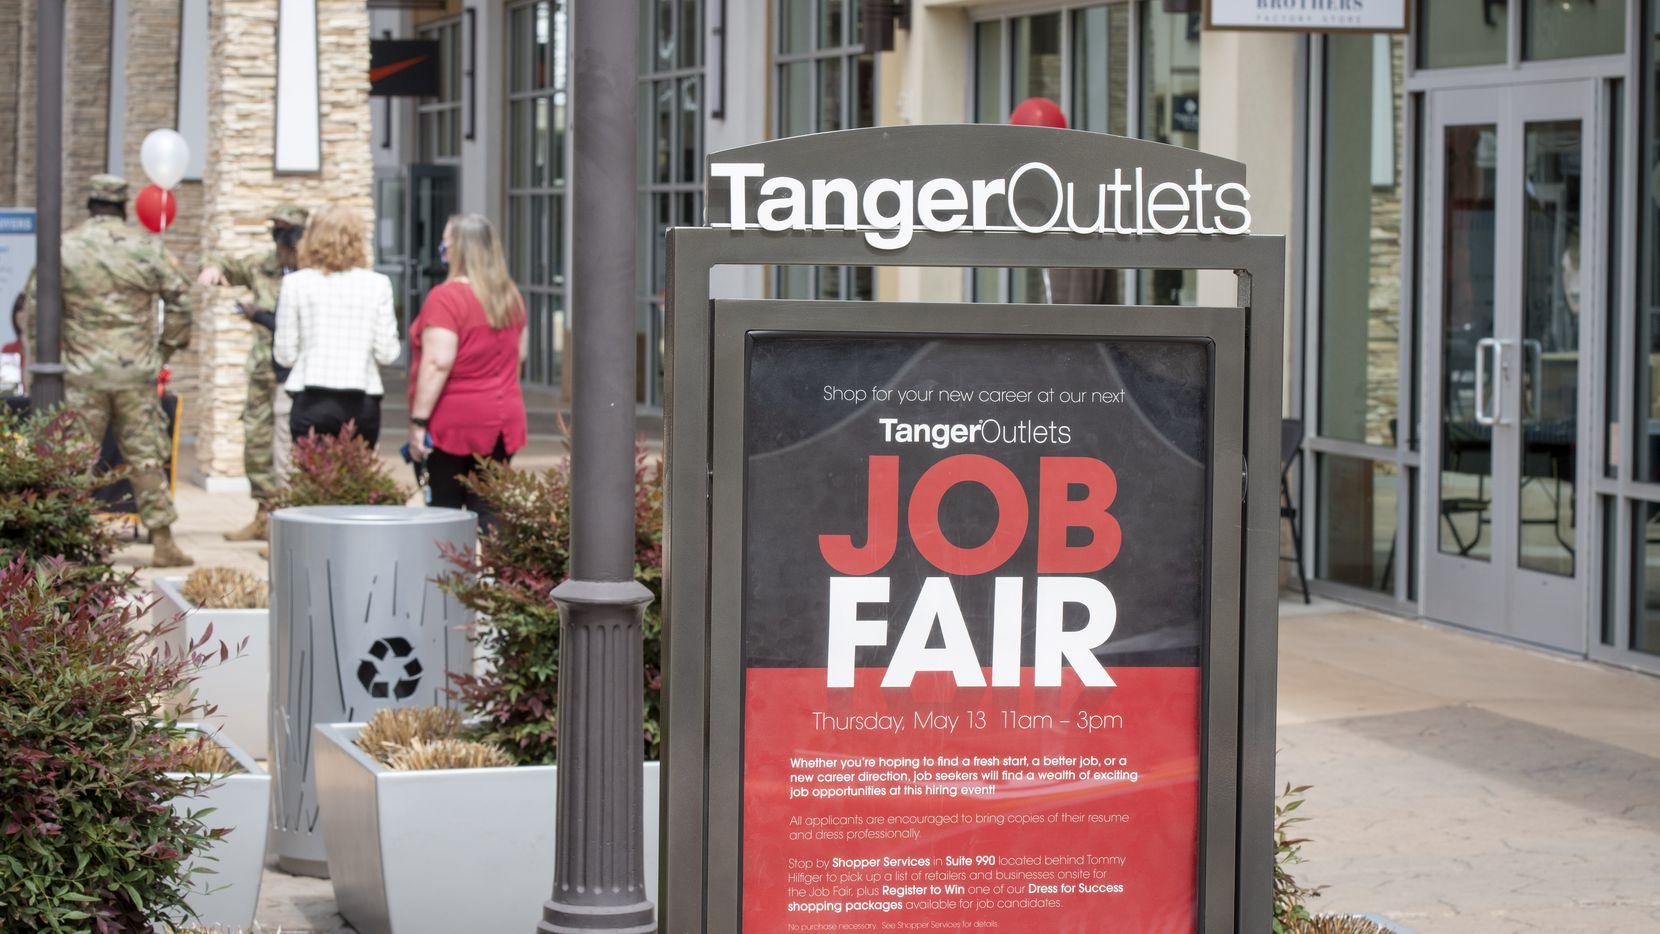 Anuncio de una feria de empleo en las tiendas de Tanger Outlets en Fort Worth, Texas, el 13 de mayo de 2021.